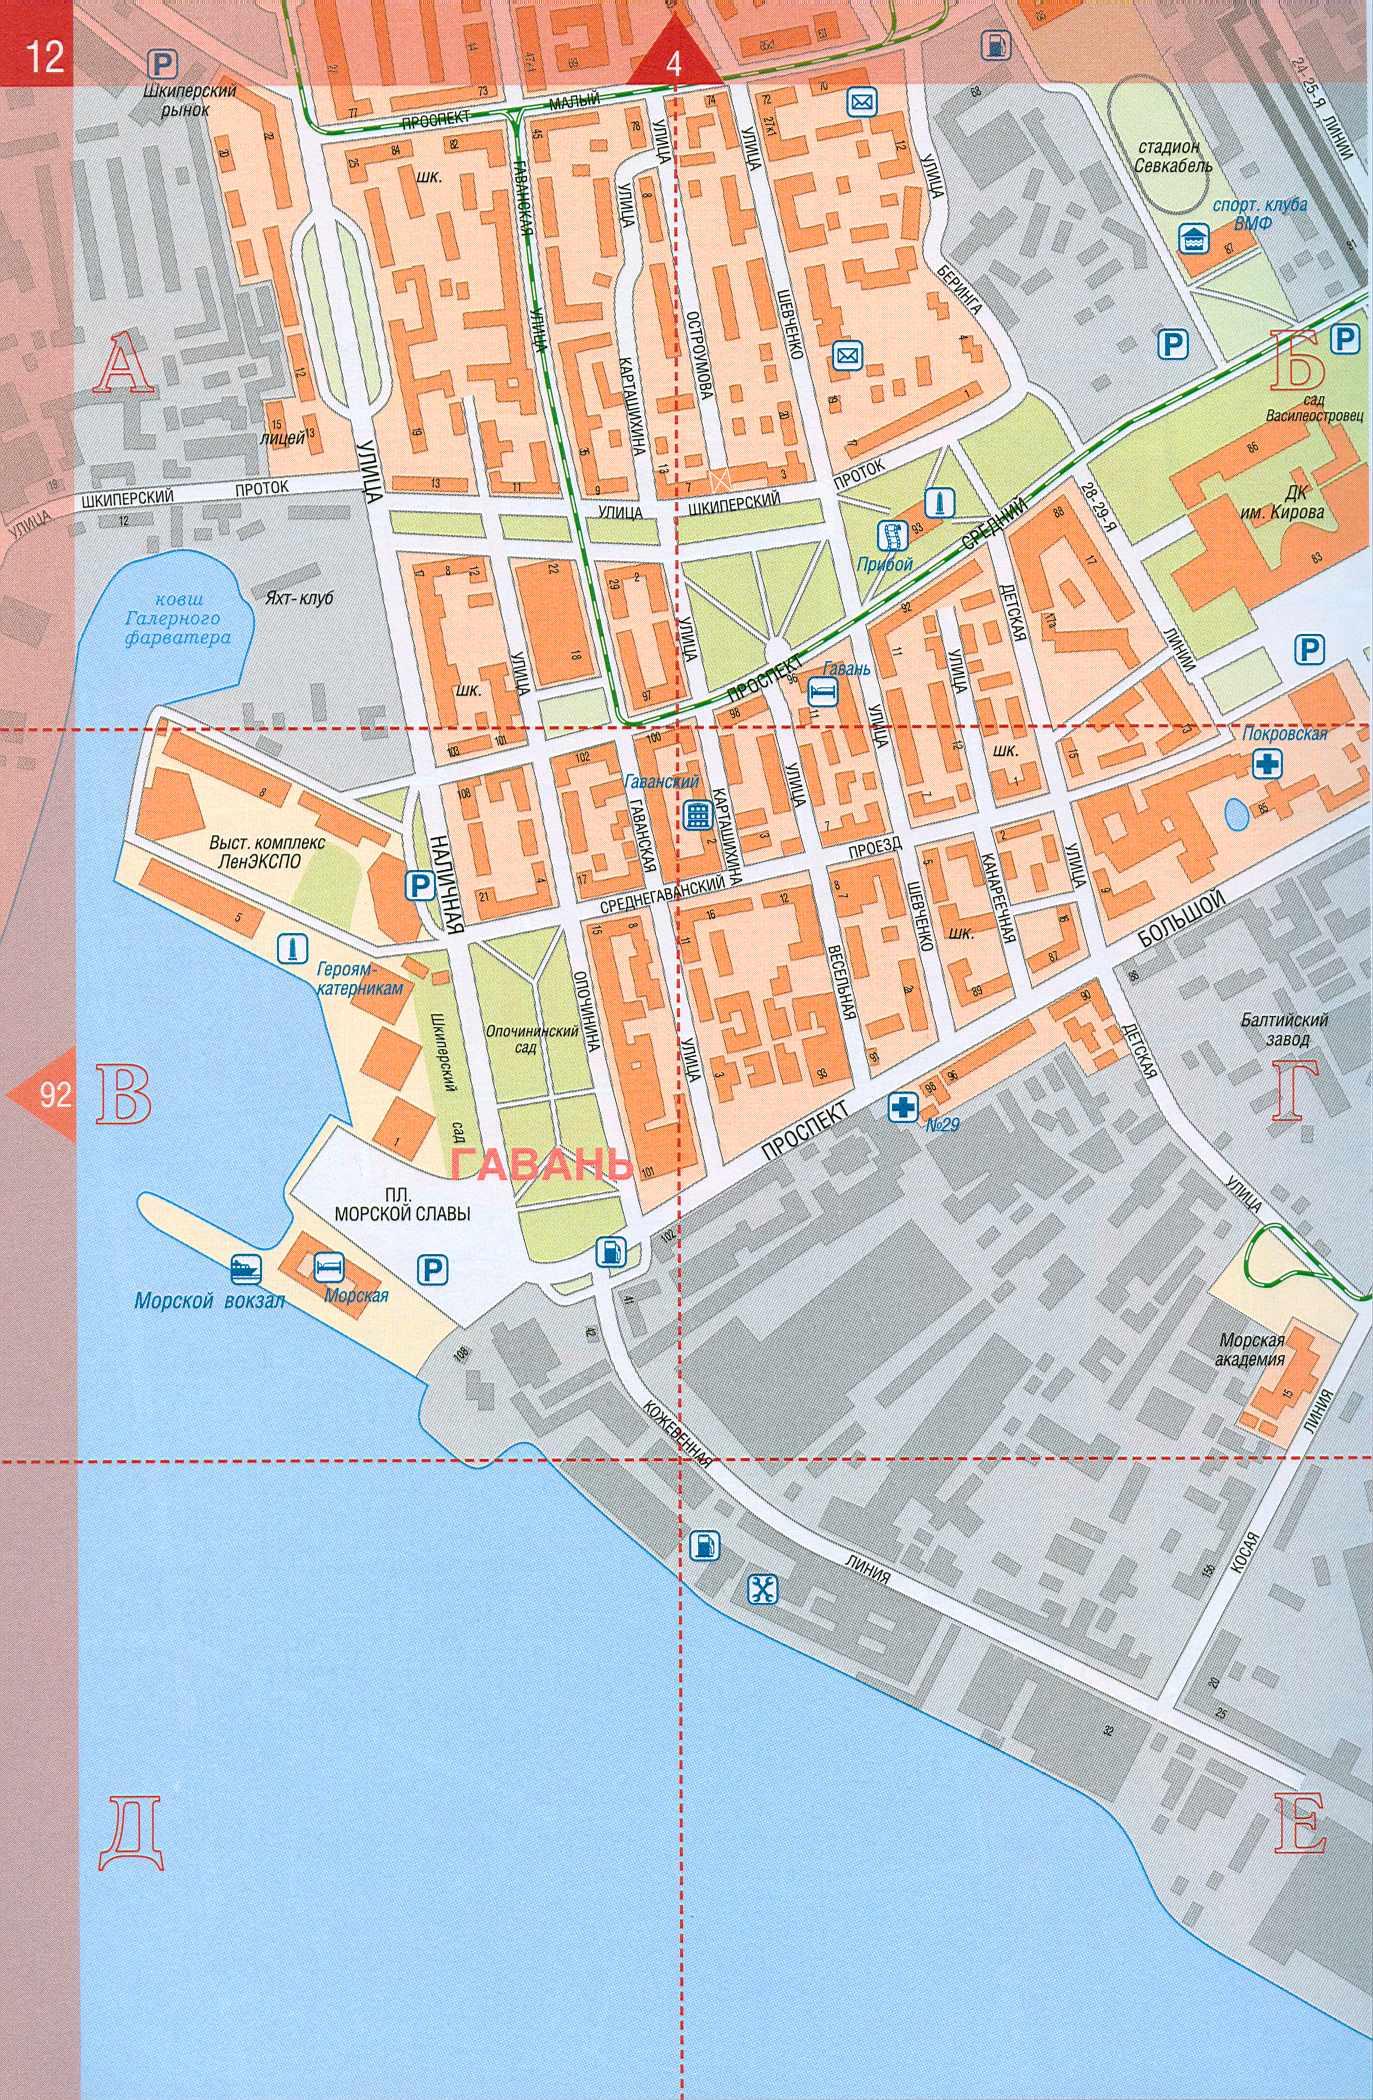 Интим карта в санкт петербурге извиняюсь